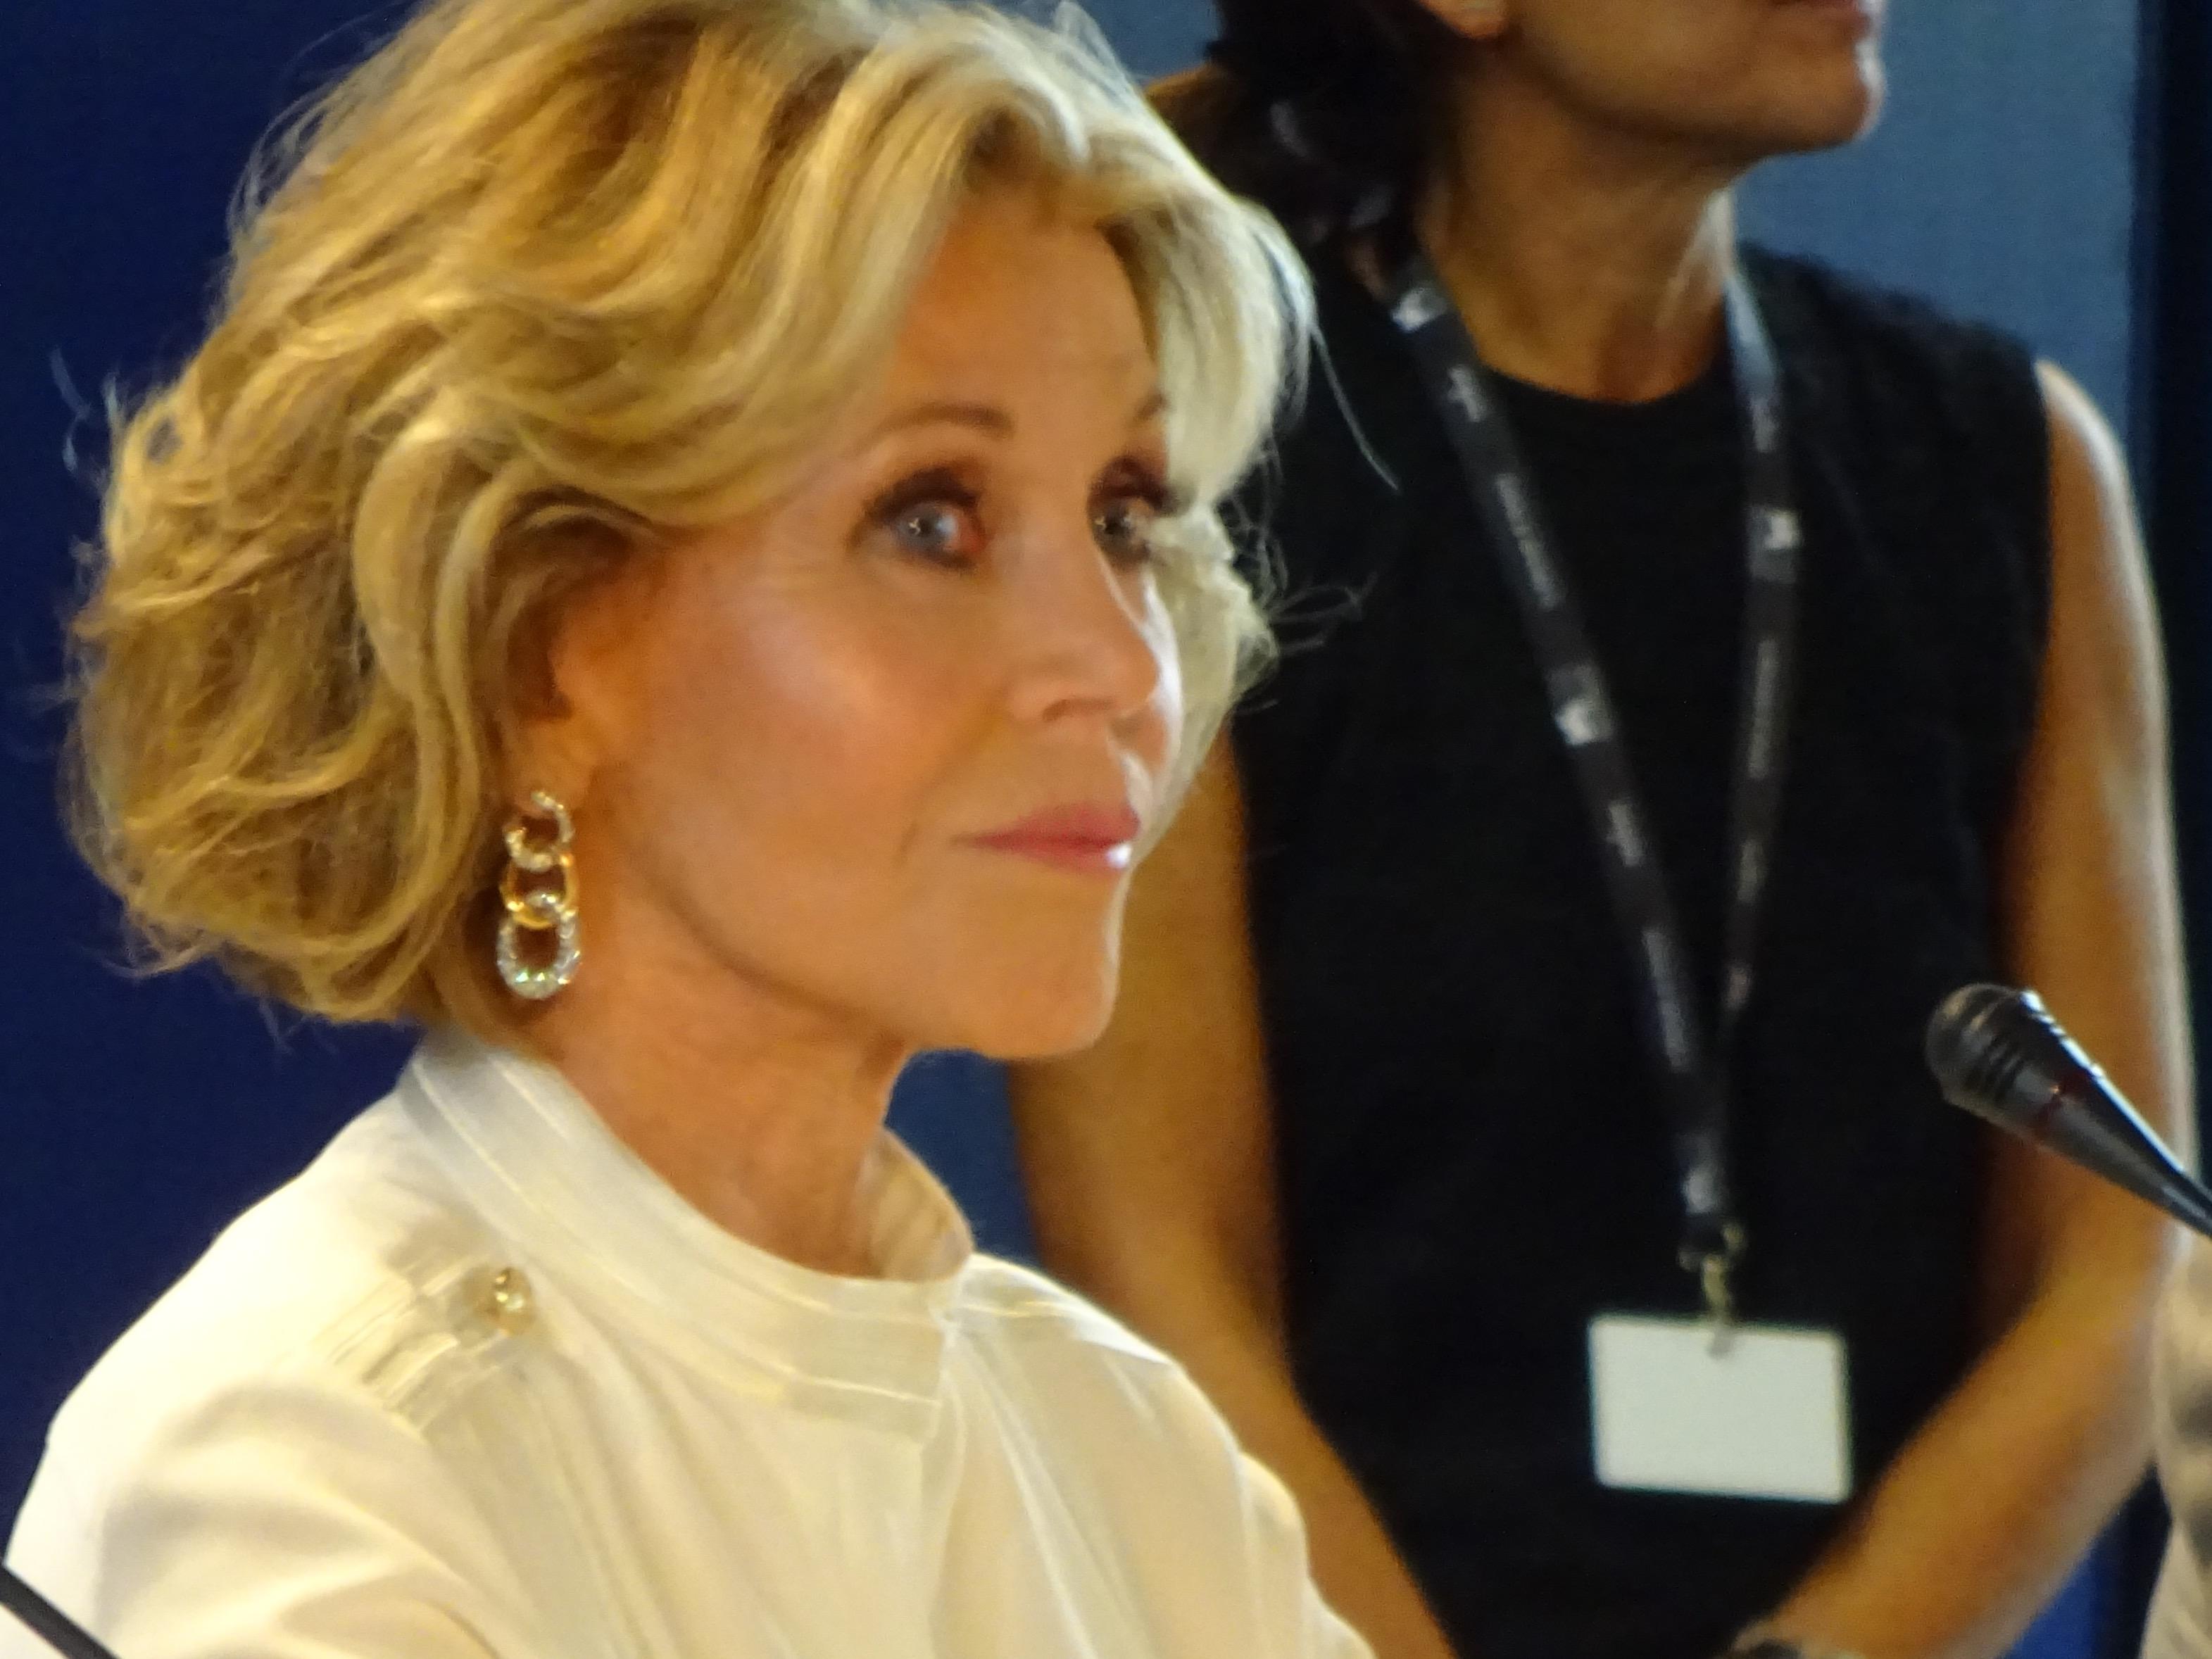 74th Venice Film Festival